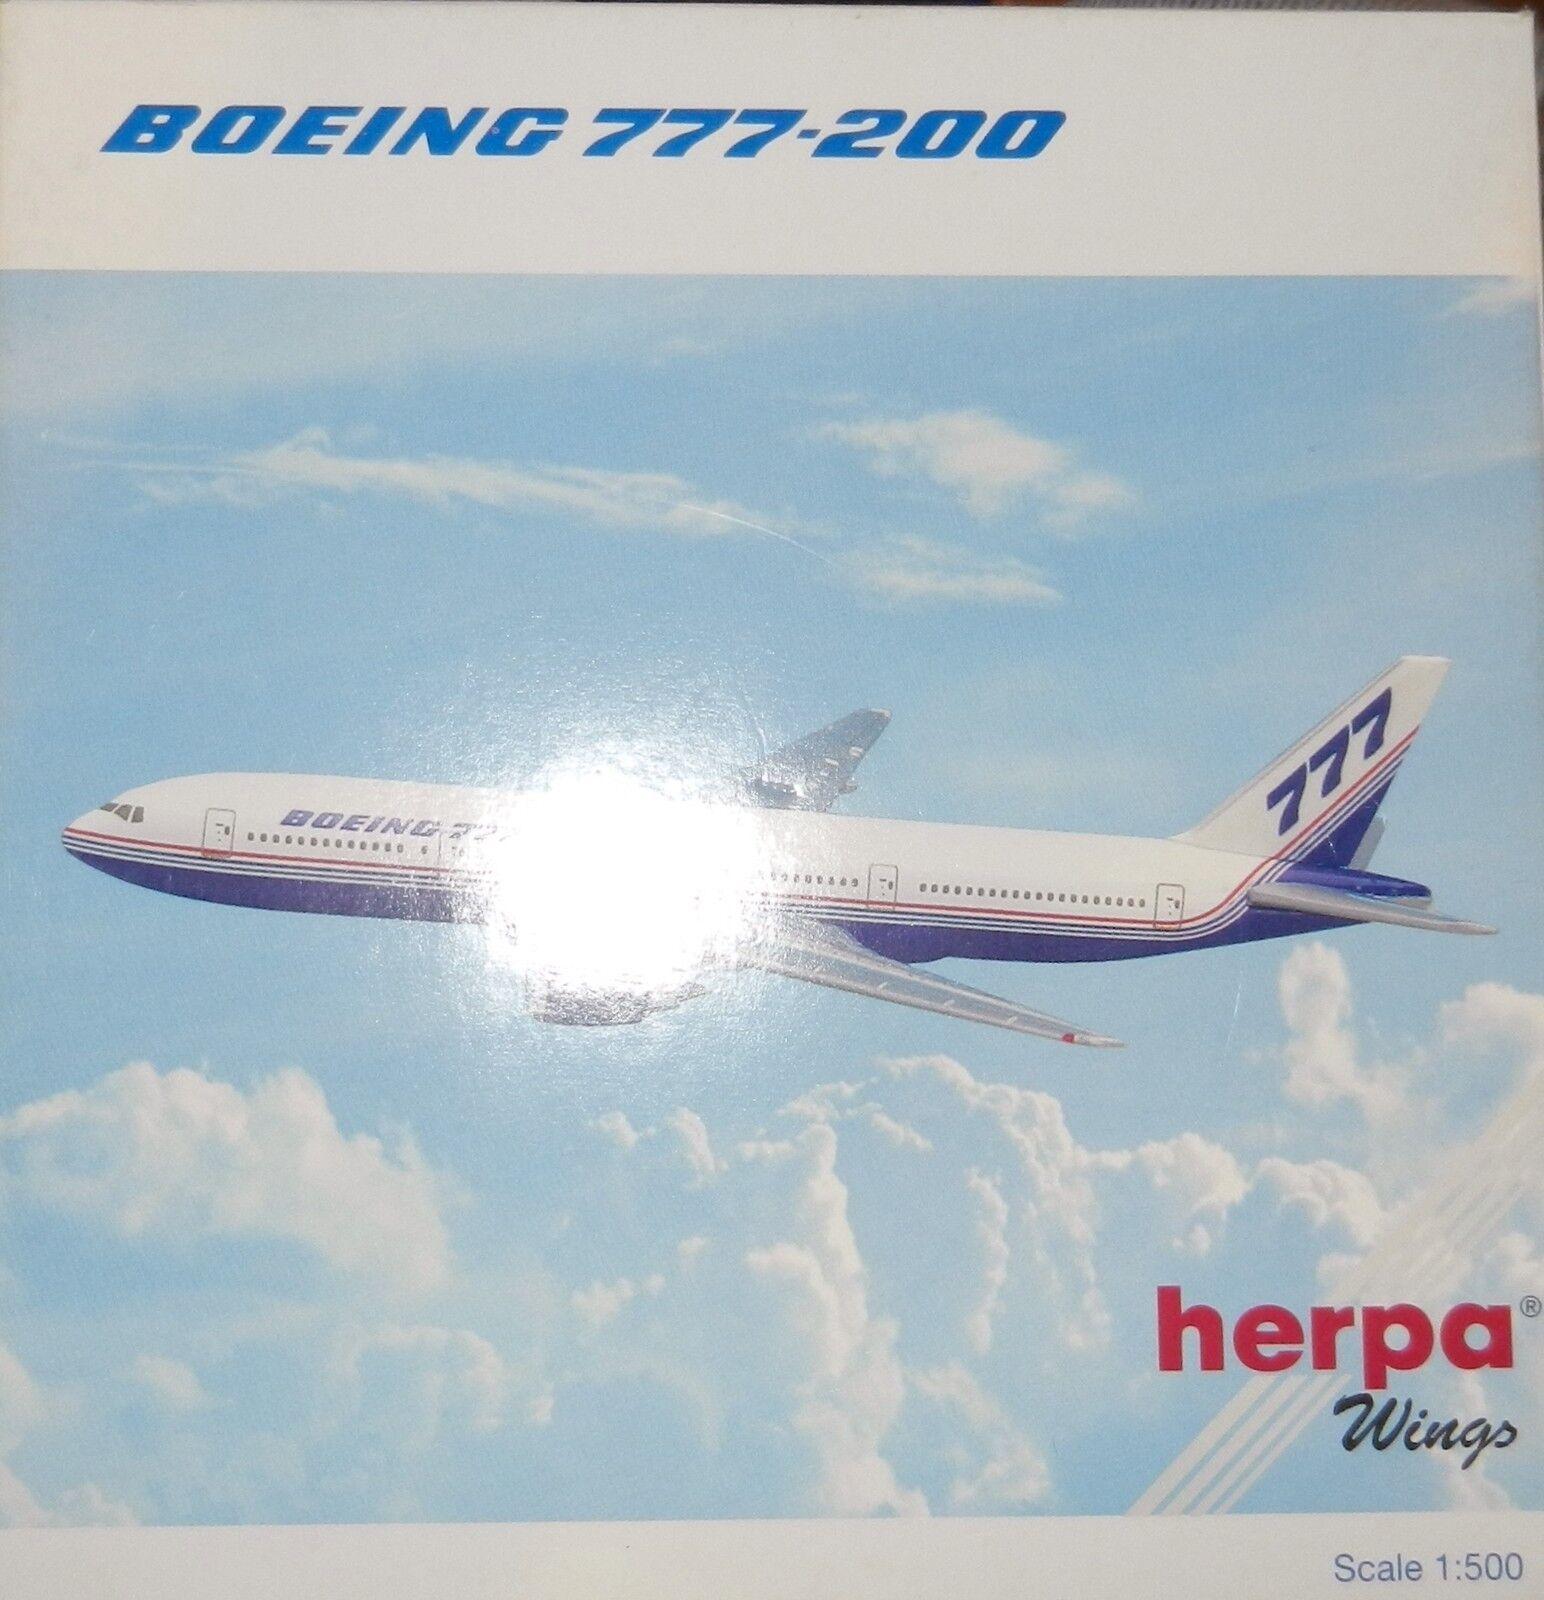 Herpa 506366 Boeing Fleet 1981 Demo House colors Boeing 777-200 777-200 777-200 1 500 Scale 2001 b56157